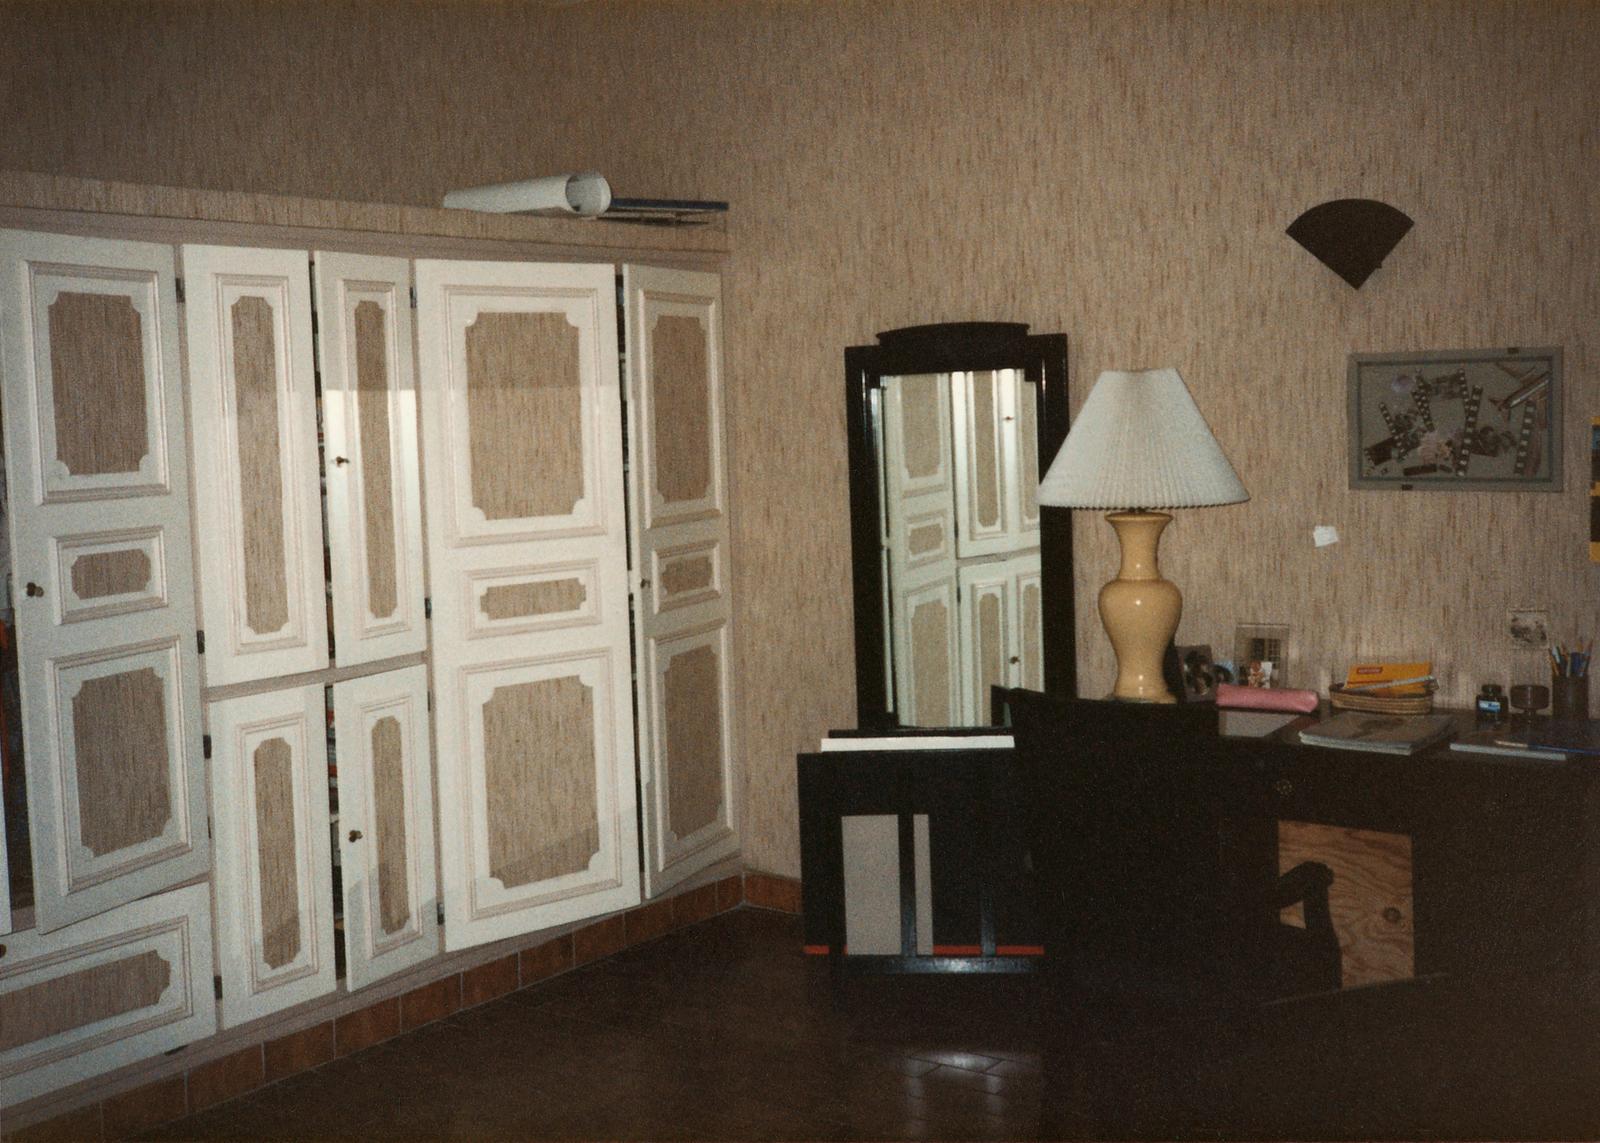 Brazzaville - Standard Level Position Residence - 1987